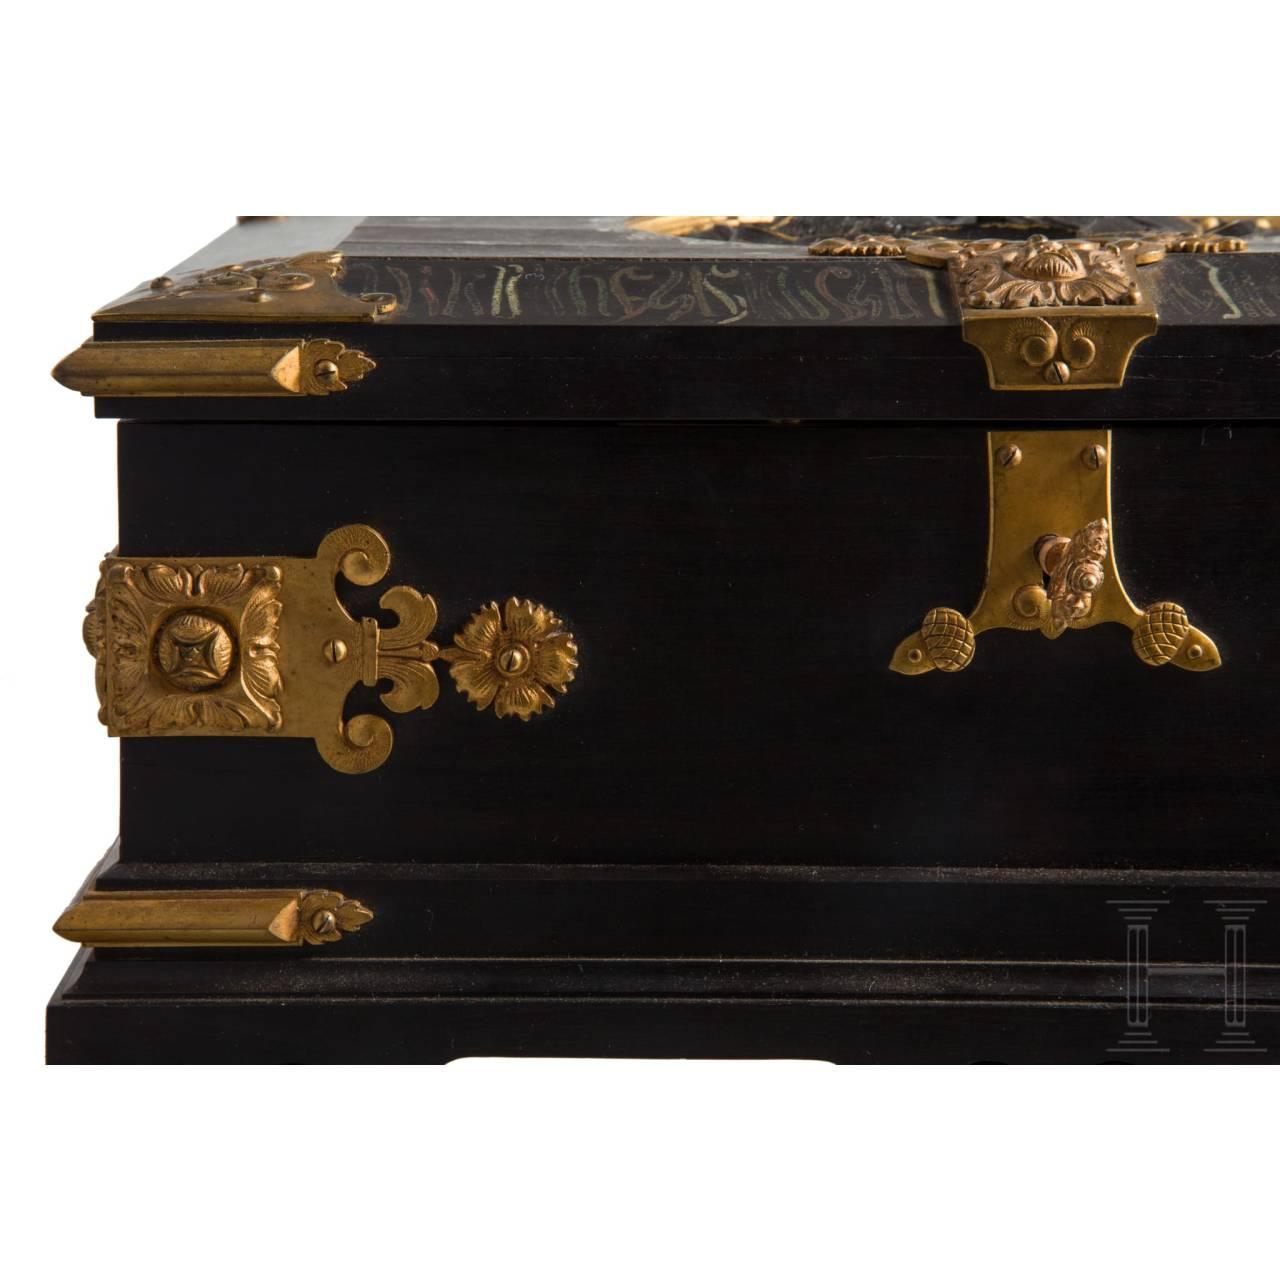 König Karl I. von Rumänien (1835 – 1914) – prunkvolle Ebenholzschatulle als Geschenk für Großadmiral von Köster